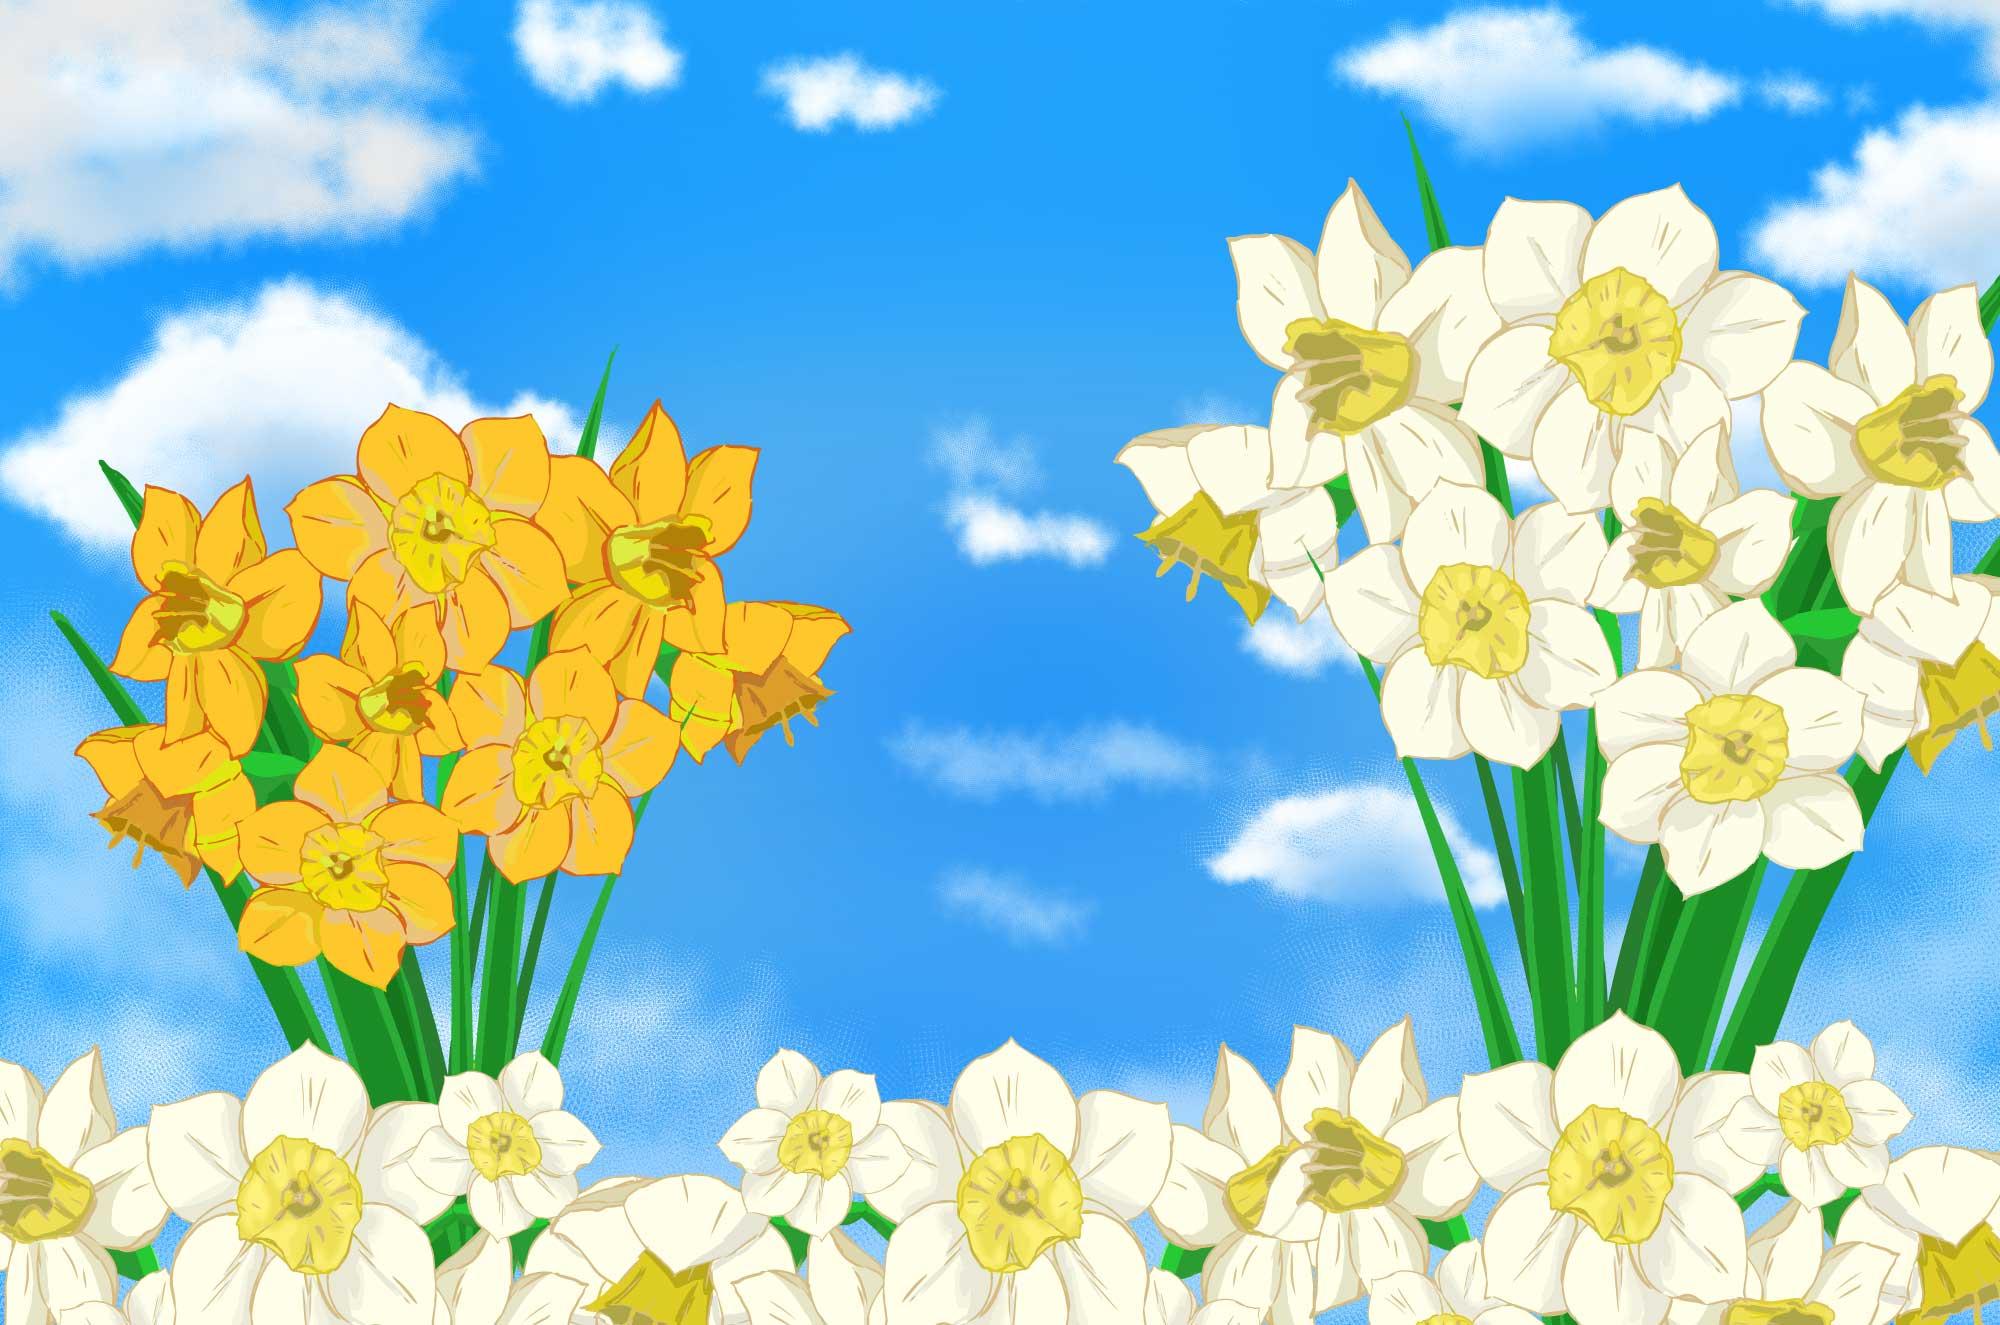 スイセンのフリーイラスト - 白・オレンジの花びら